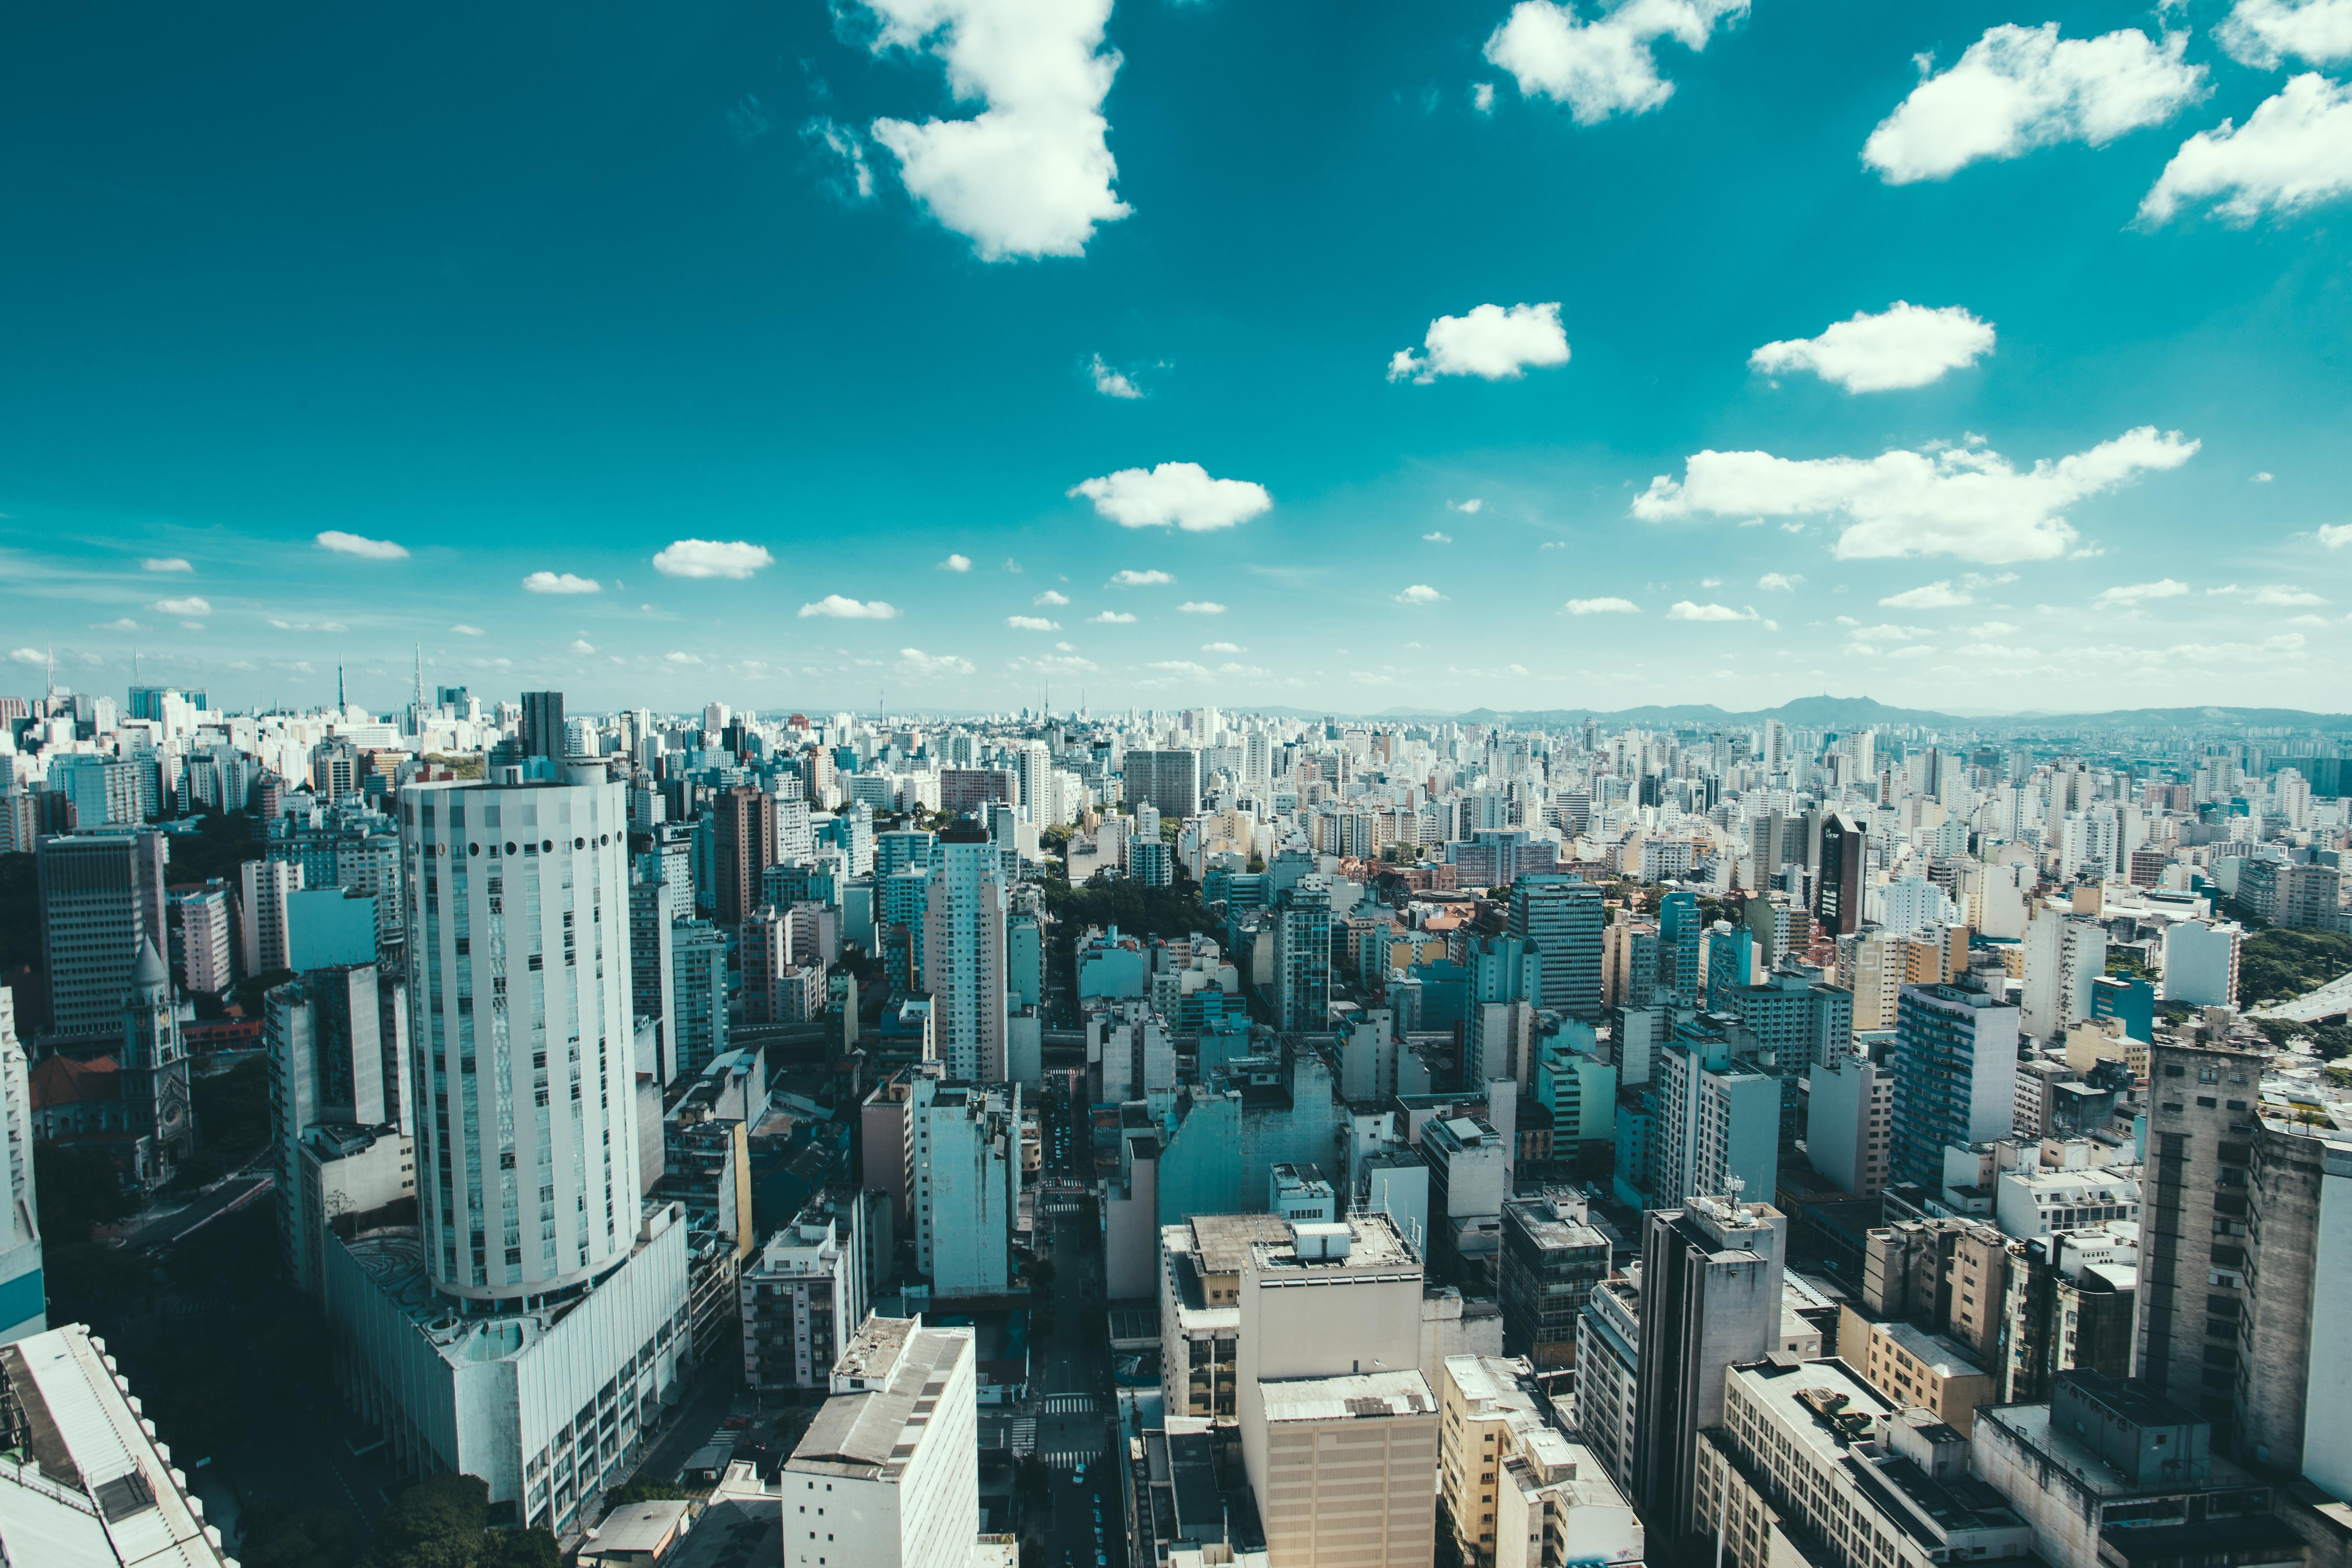 Aparecida - São Paulo